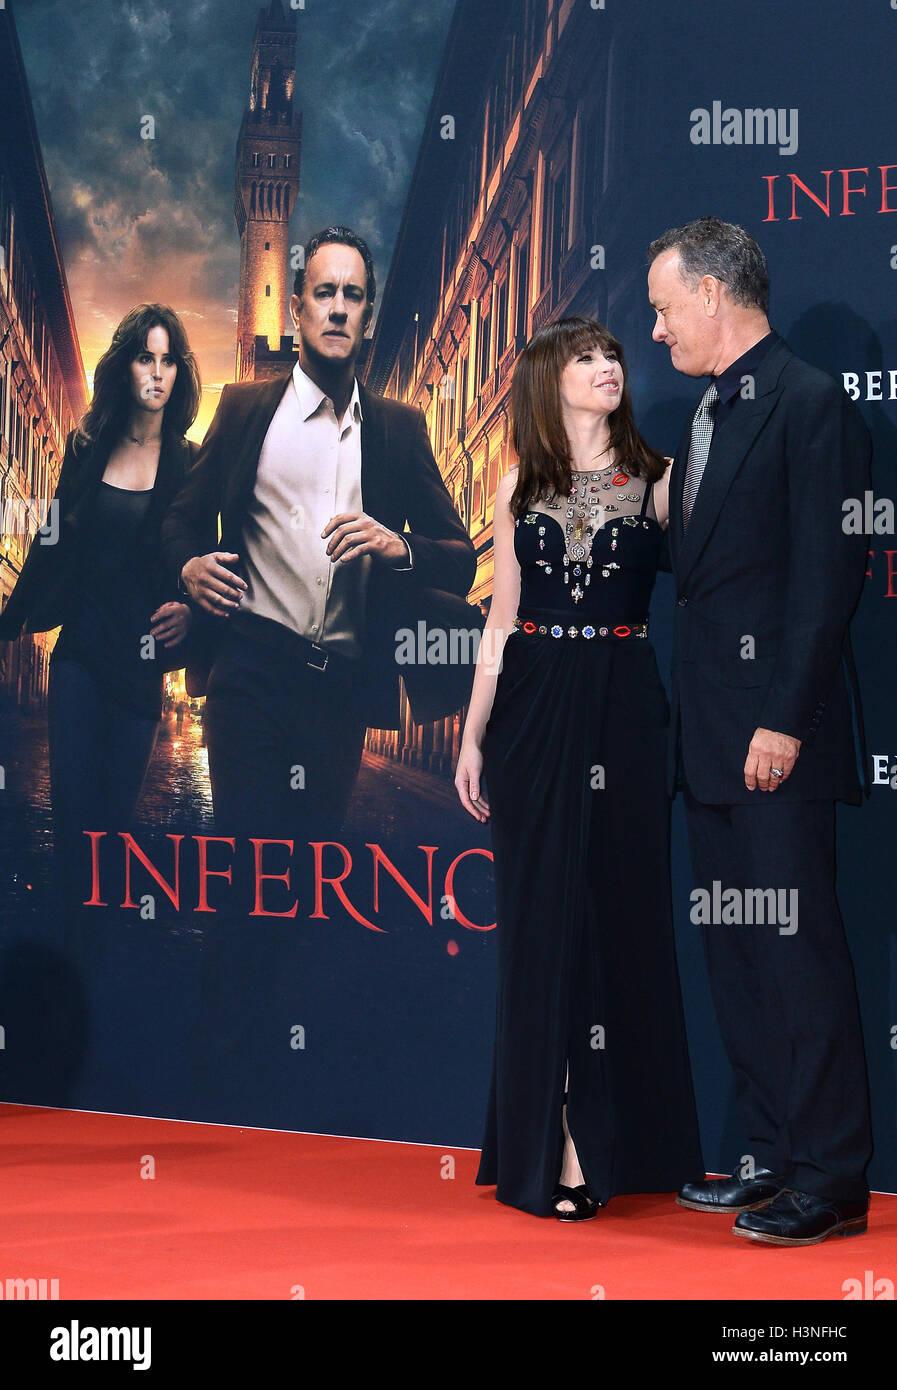 Berlin, Deutschland. 10. Oktober 2016. Die britische Schauspielerin Felicity Jones (L) und der amerikanische Schauspieler Stockbild